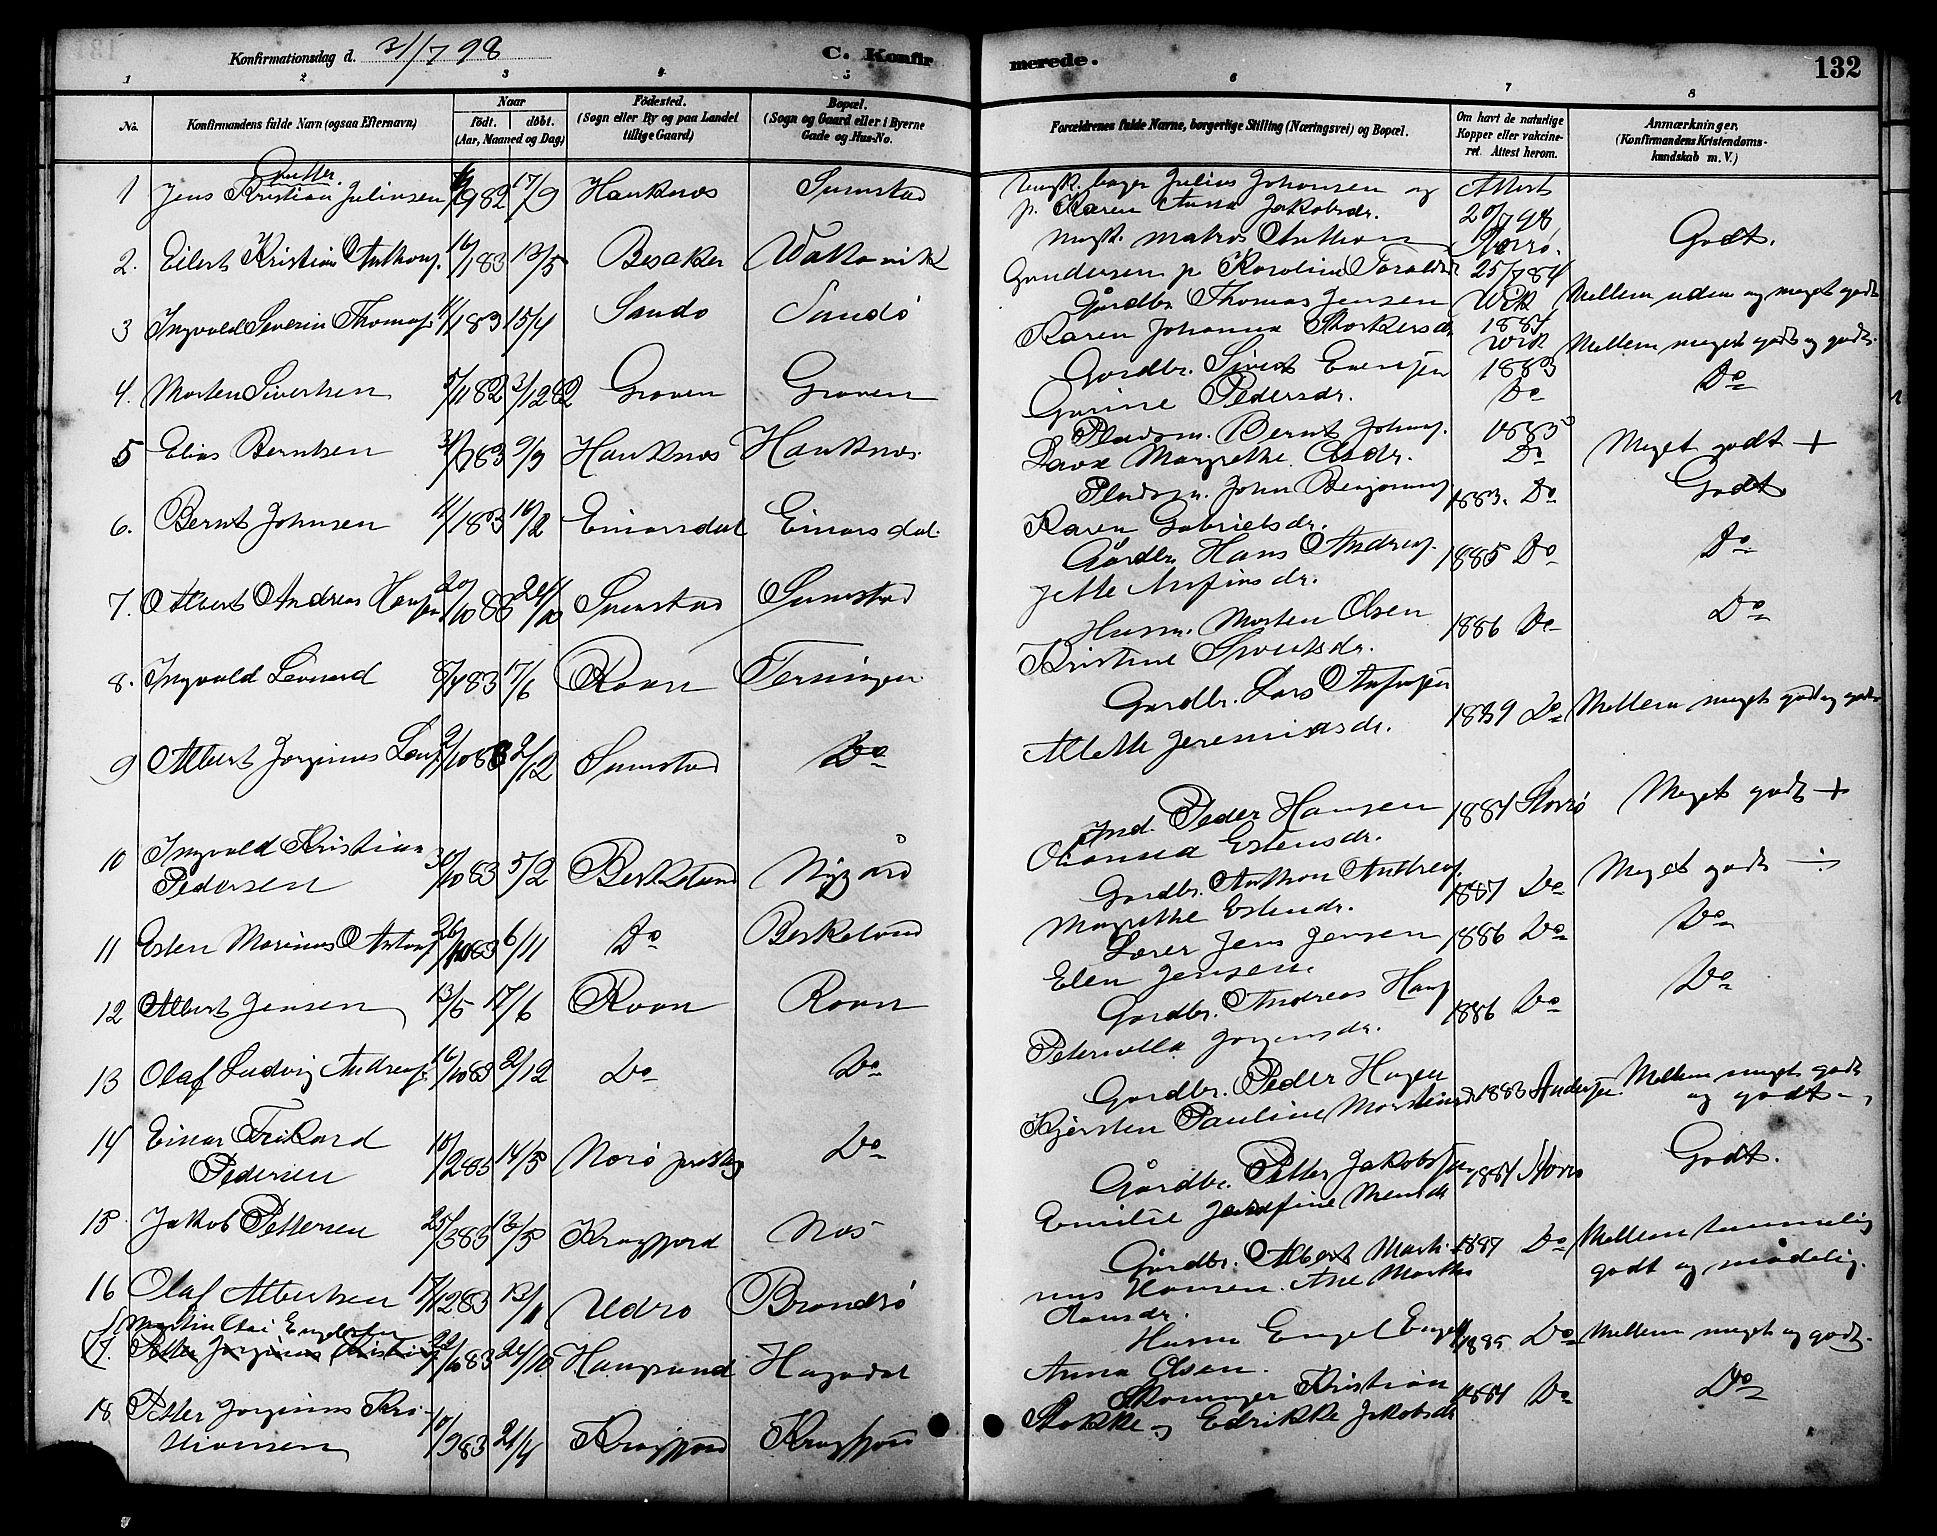 SAT, Ministerialprotokoller, klokkerbøker og fødselsregistre - Sør-Trøndelag, 657/L0716: Klokkerbok nr. 657C03, 1889-1904, s. 132